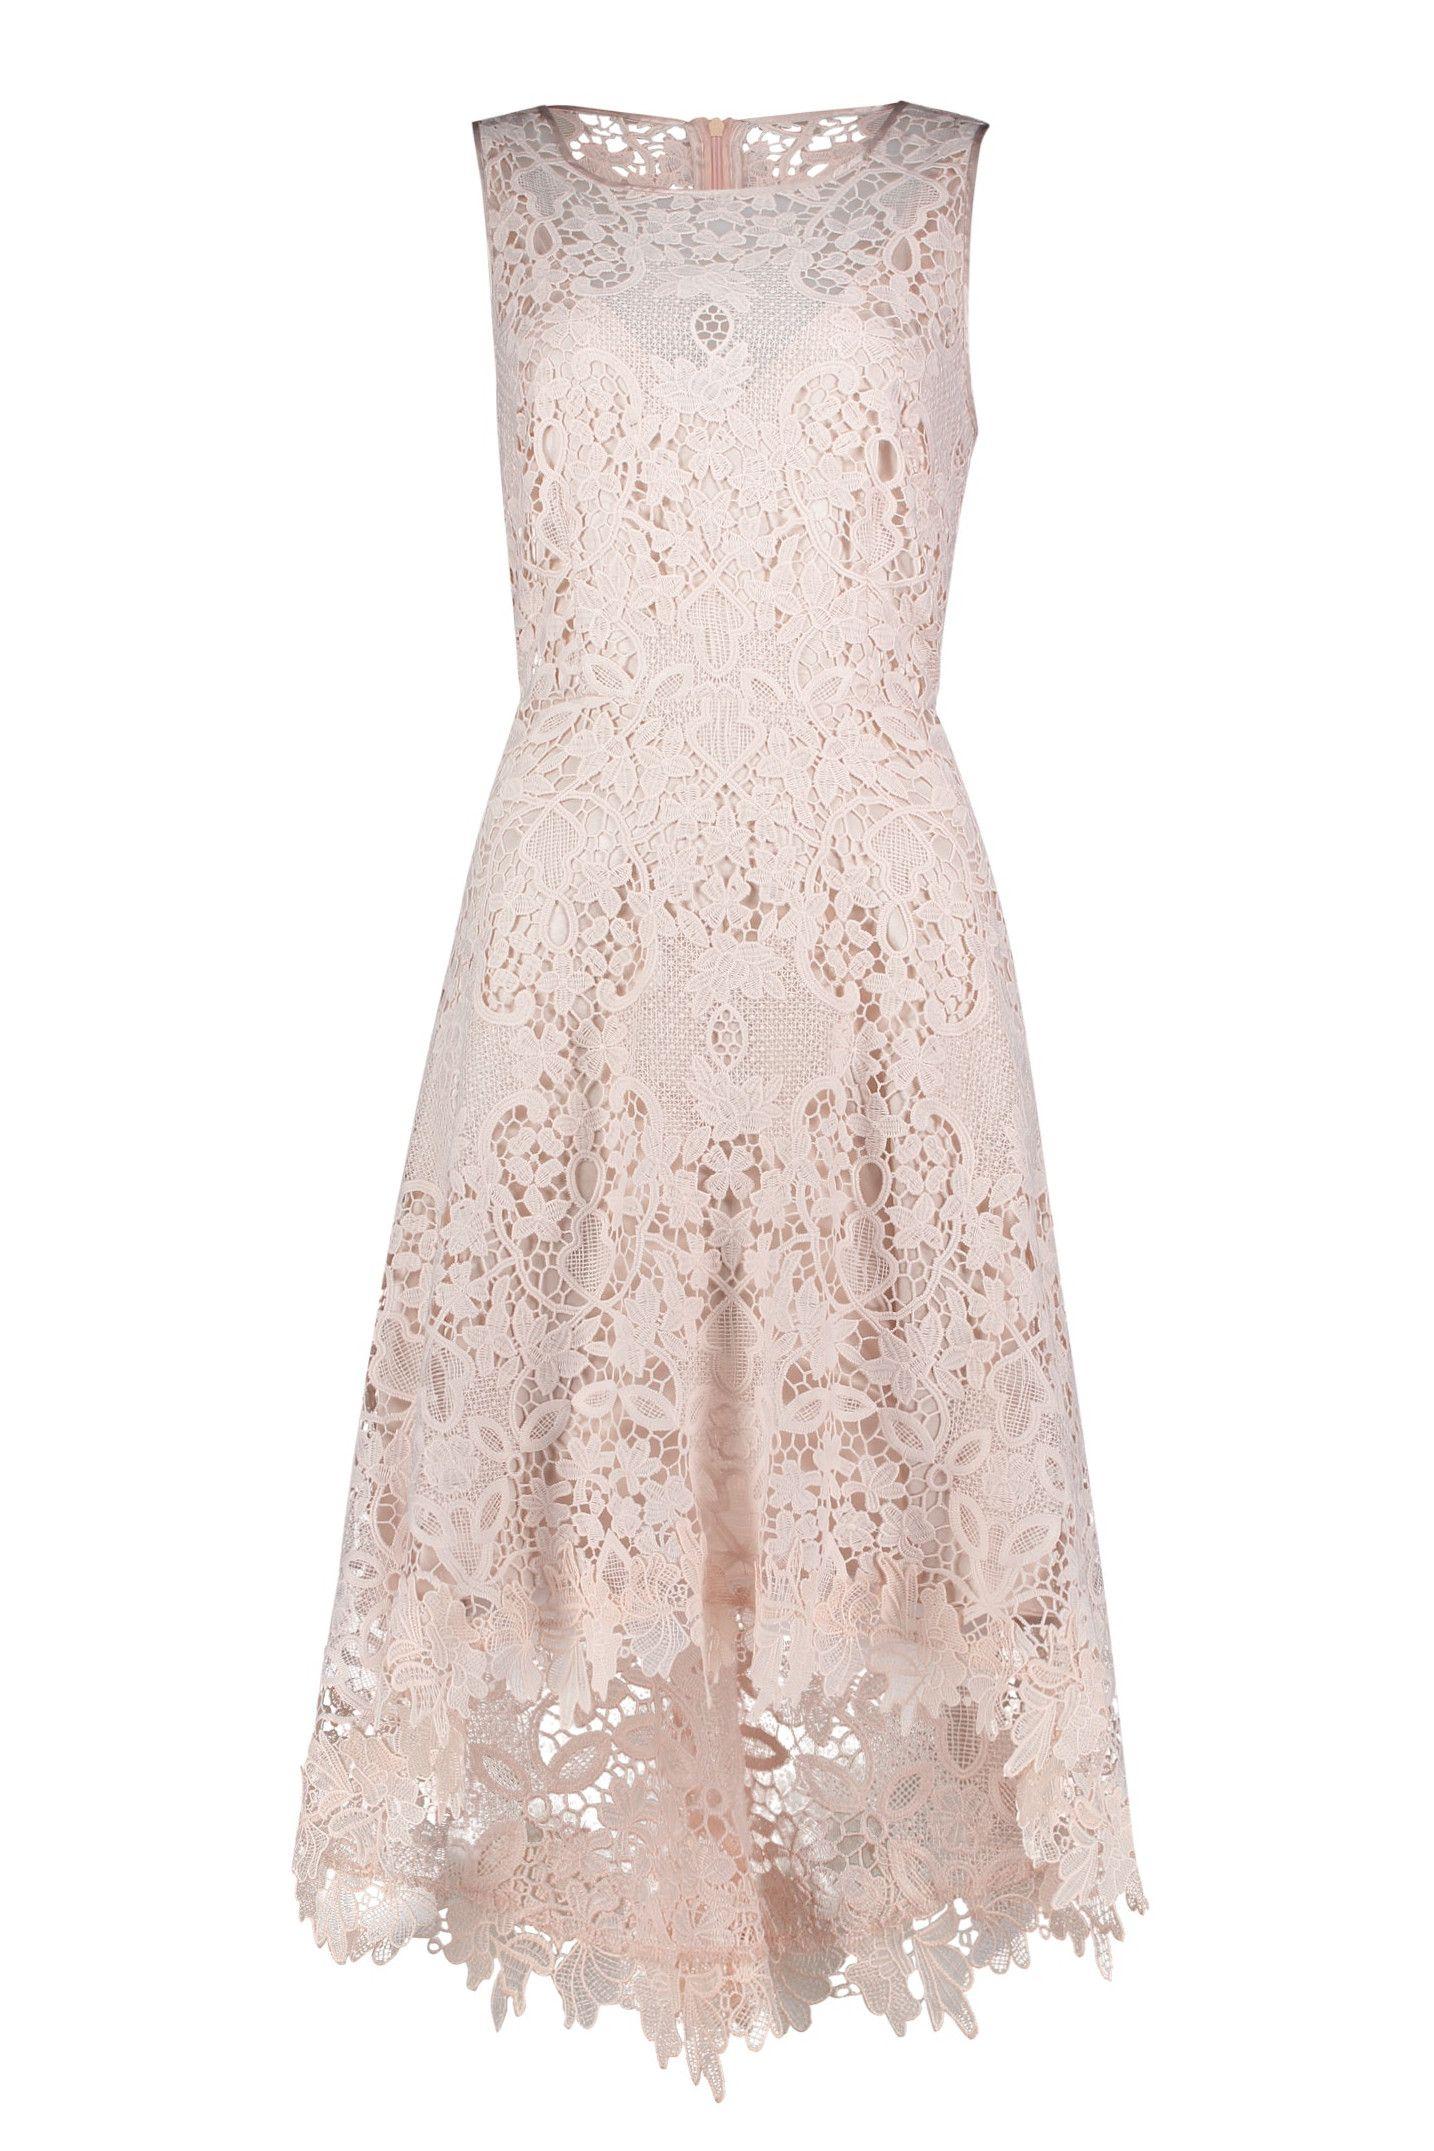 Vokuhila Kleid Aus Pragnanter Relief Spitze Kleid Altrosa Kleid Spitze Abendkleid